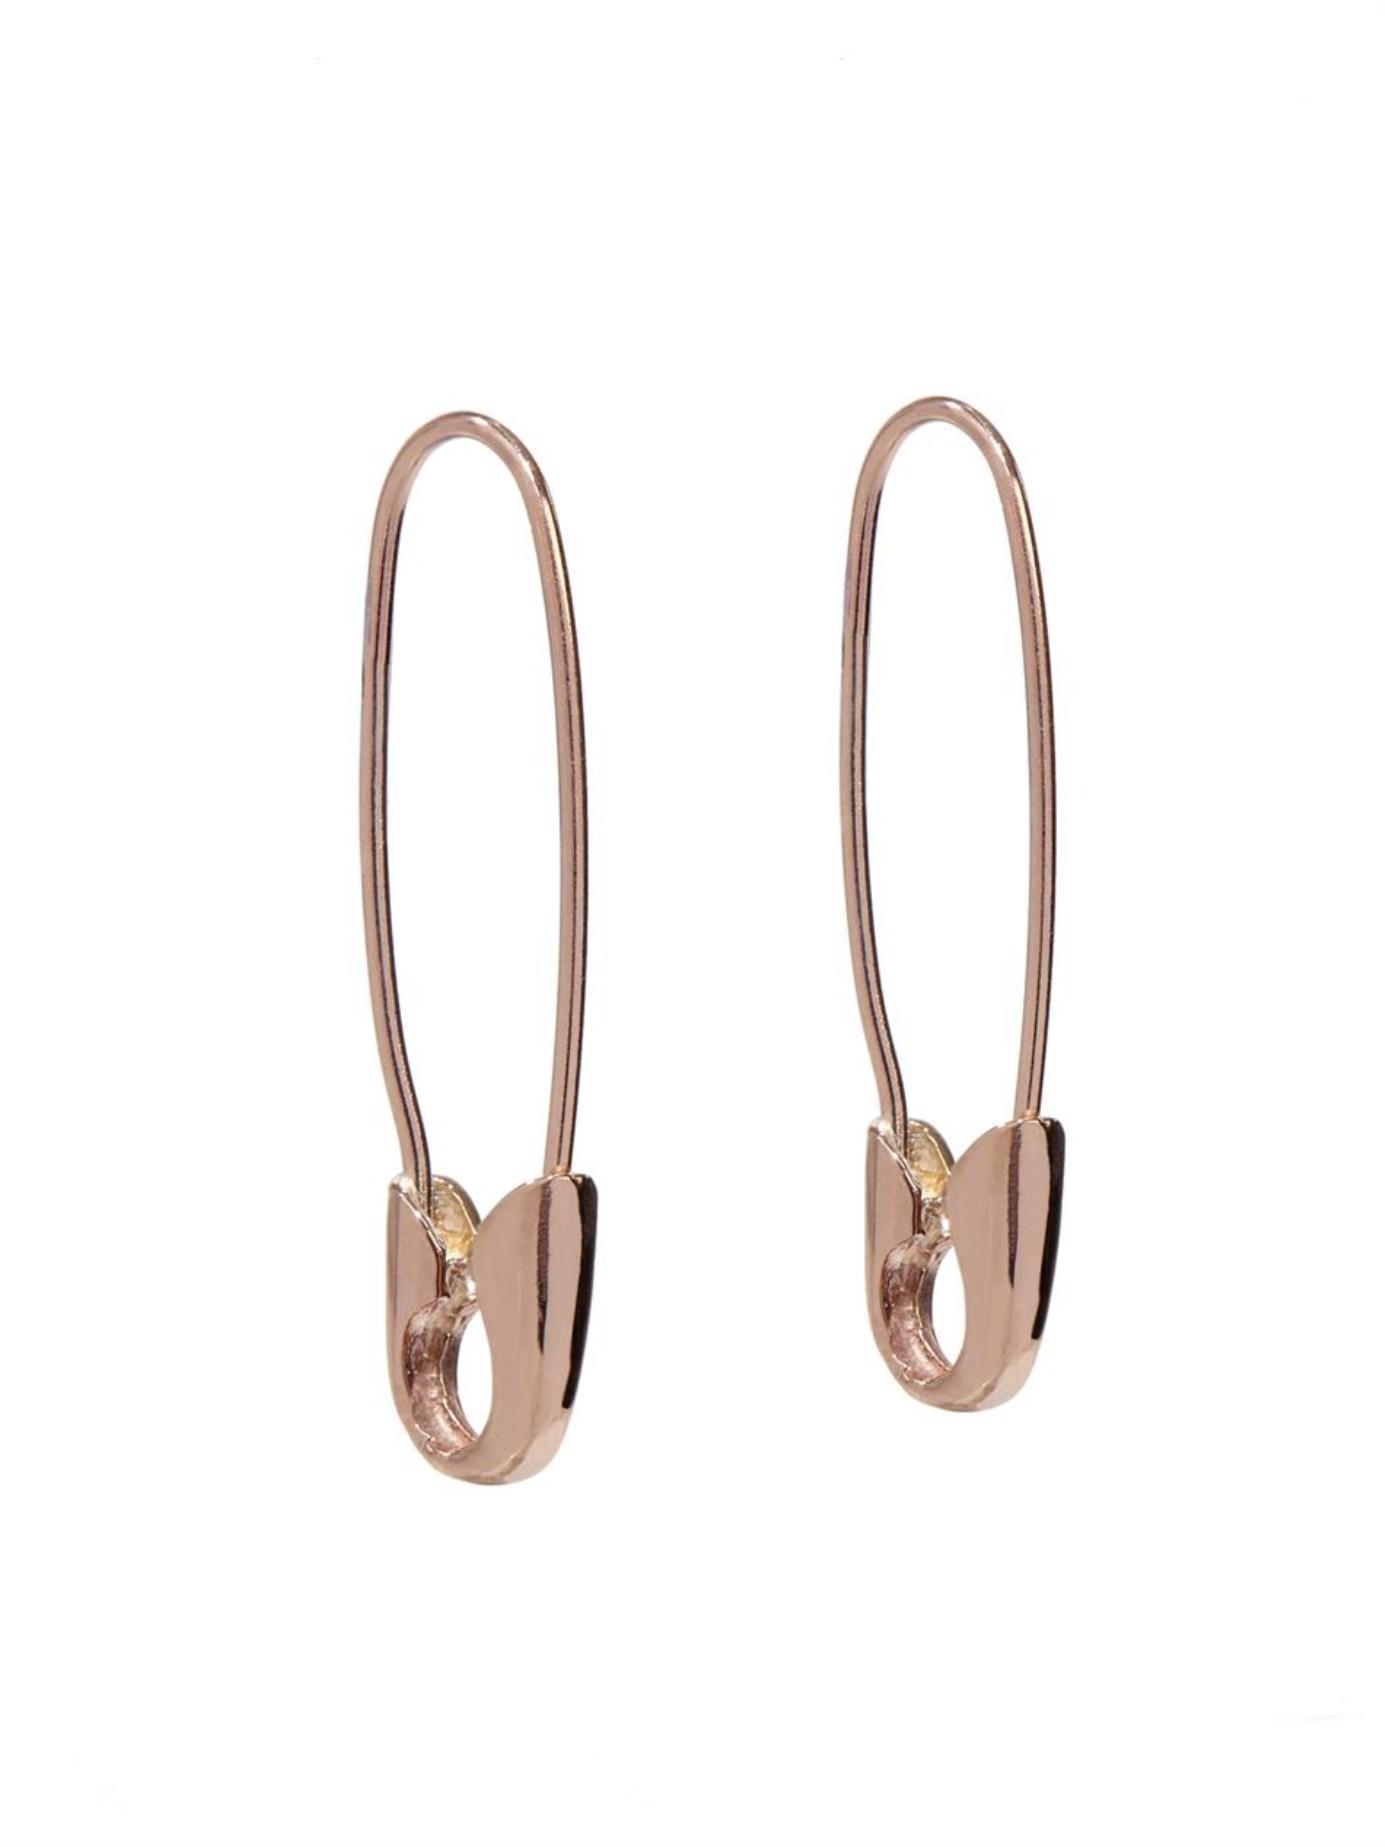 Loren Stewart Rose Gold Safety Pin Earrings In Rose Gold